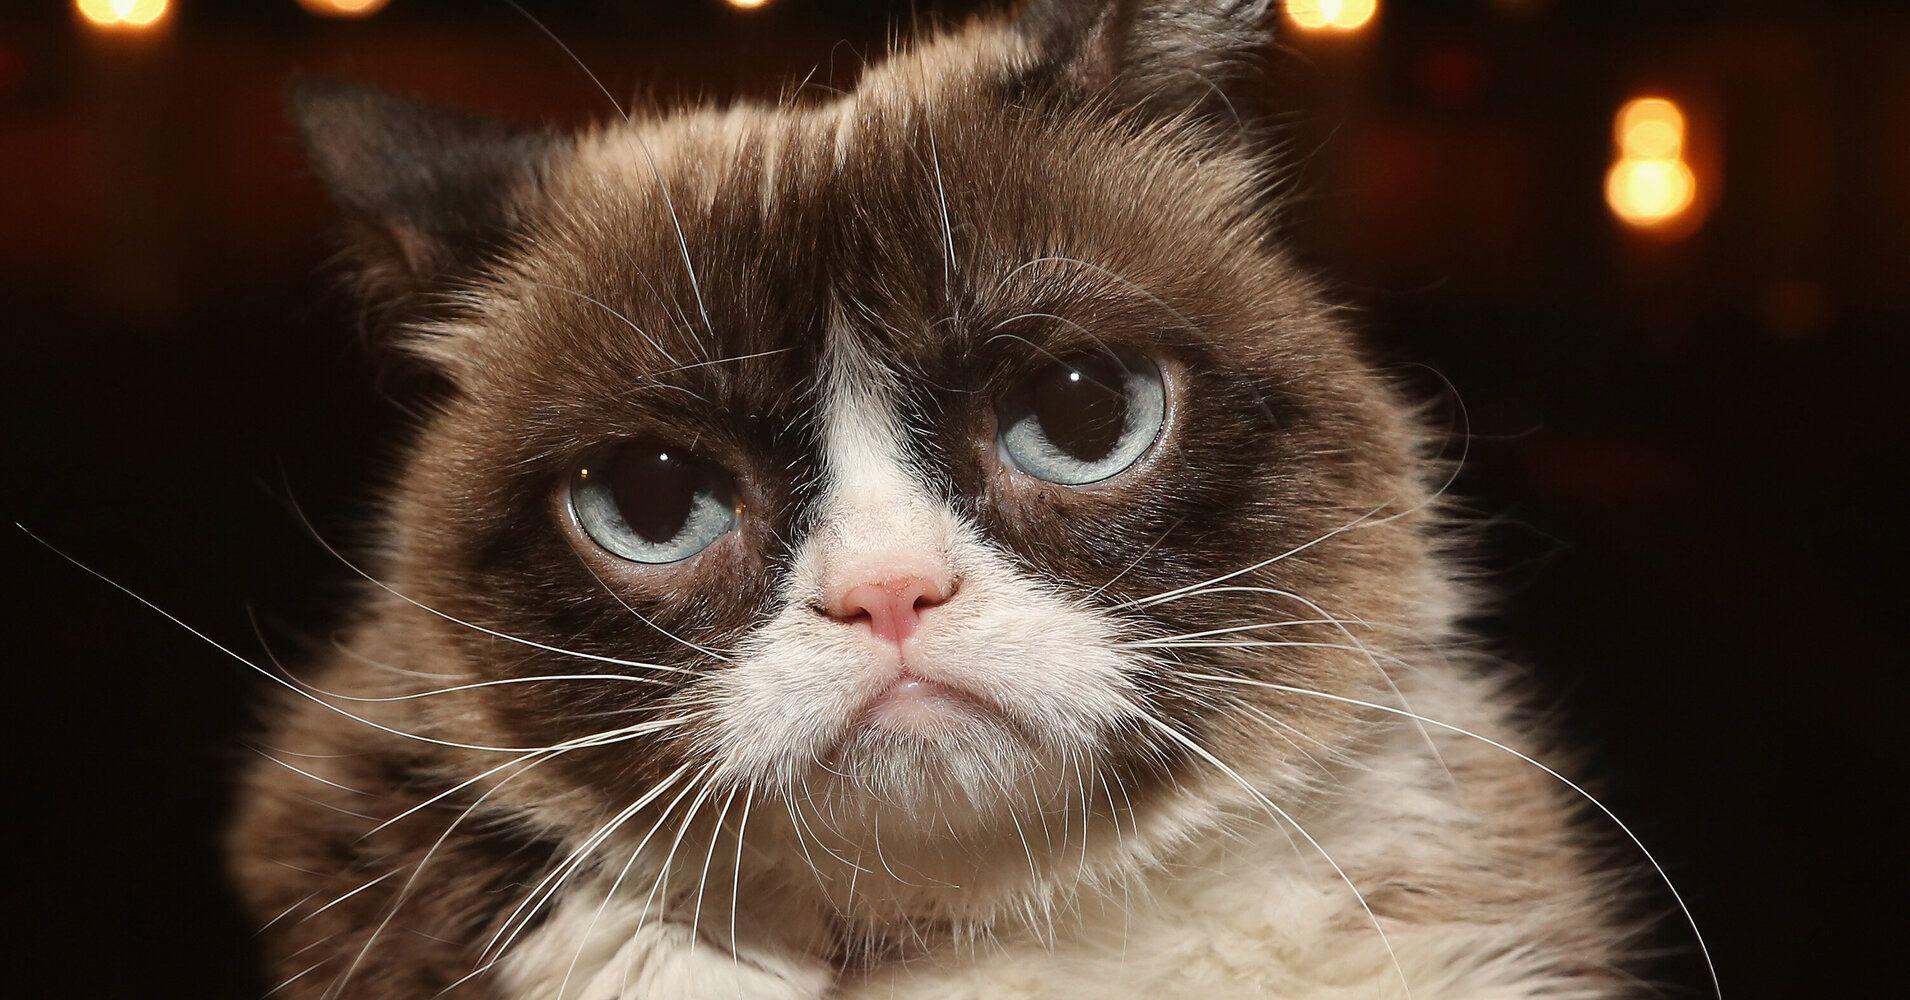 Sensation Grumpy Cat Has Died Grumpy cat